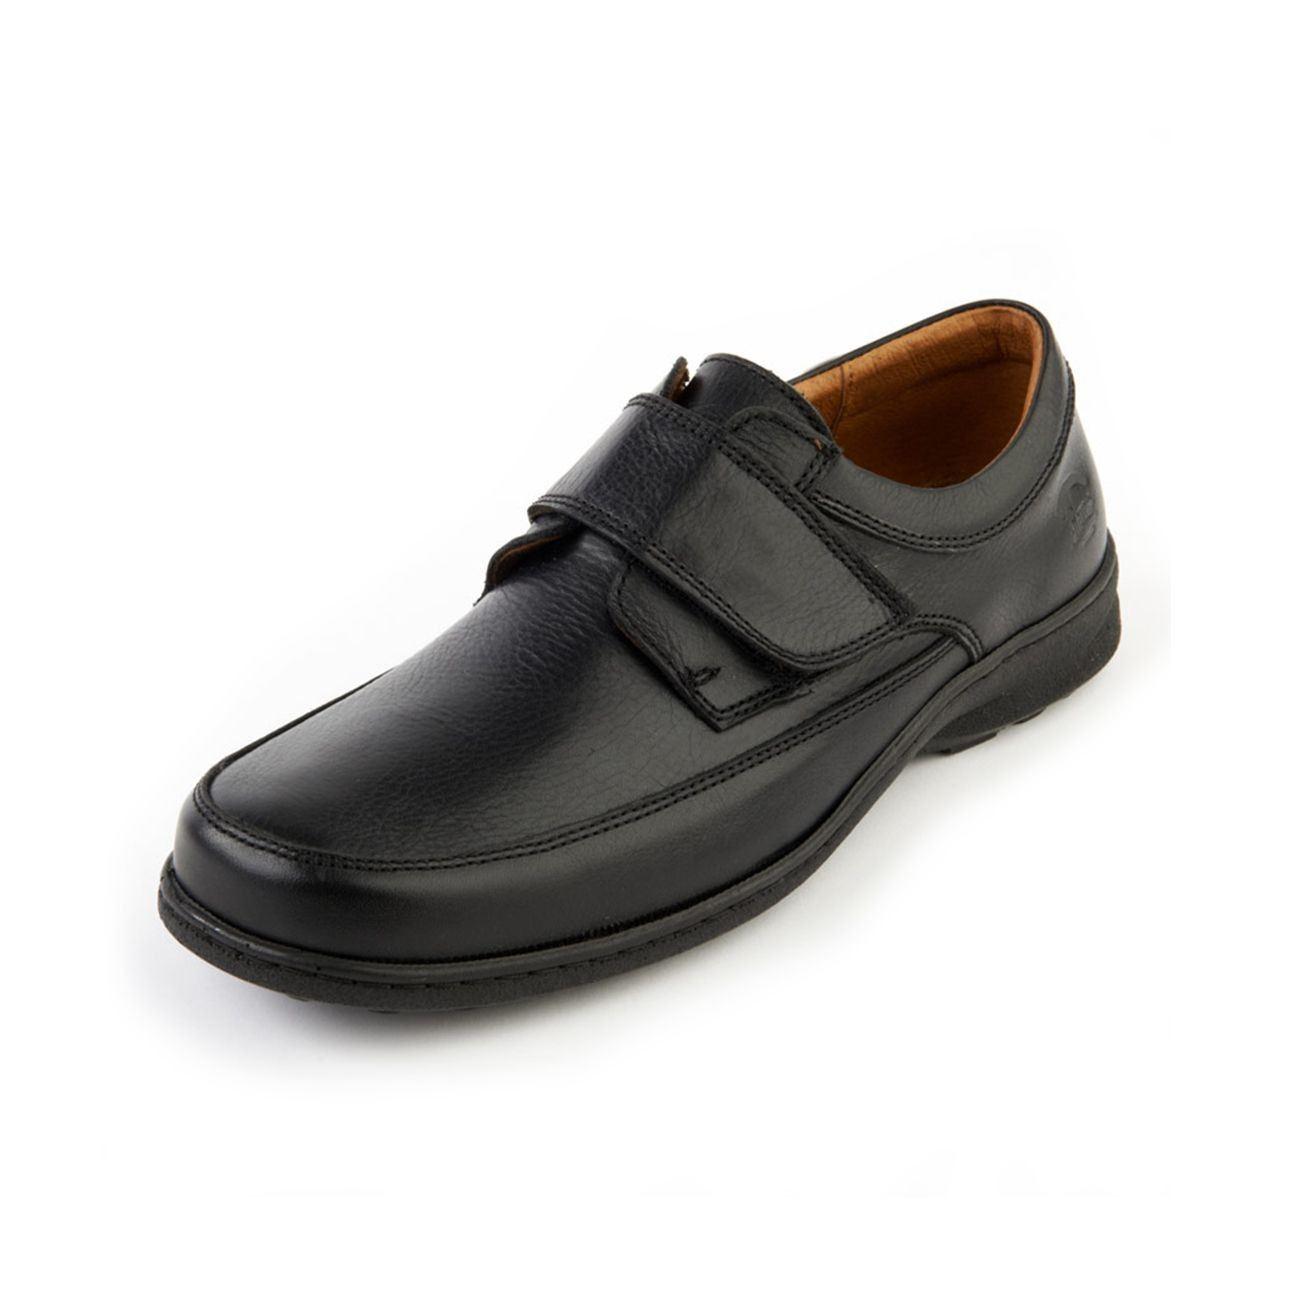 Softwalk Zapato para Hombres 'Lewis | ancho y profundo Gx Fit | Suave Cuero Superior | Tamaño 6-11